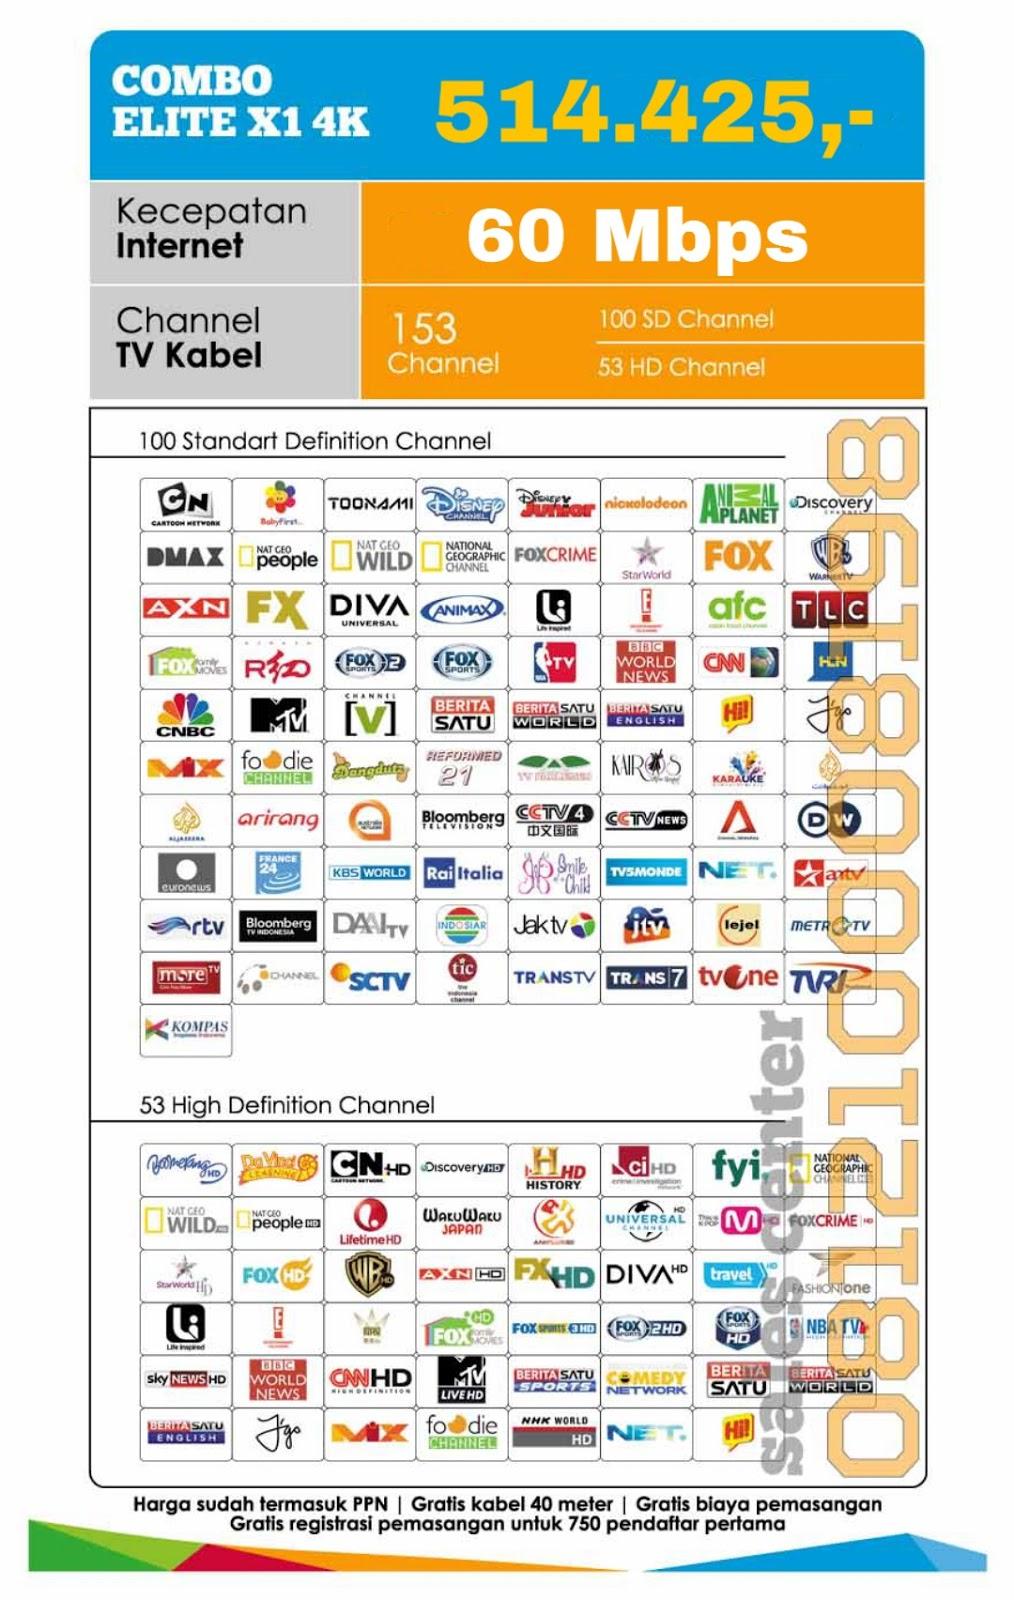 First Media, FirstMedia, Promo Paket Combo Elite X1 4K First Media First Media Februari 2019, Combo Elite X1 4K First Media, Combo Elite X1 4K First Media first media, paket Combo Elite X1 4K First Media, paket promo Combo Elite X1 4K First Media, paket Combo Elite X1 4K First Media first media, paket promo Combo Elite X1 4K First Media first Media, promo Combo Elite X1 4K First Media, promo paket Combo Elite X1 4K First Media, promo Combo Elite X1 4K First Media first media, promo paket Combo Elite X1 4K First Media first media, harga Combo Elite X1 4K First Media, tarif Combo Elite X1 4K First Media, internet dan tv kabel, internet tv first media, pemasangan Combo Elite X1 4K First Media, iuran Combo Elite X1 4K First Media, Combo Elite X1 4K First Media Februari 2019, Internet rumah,